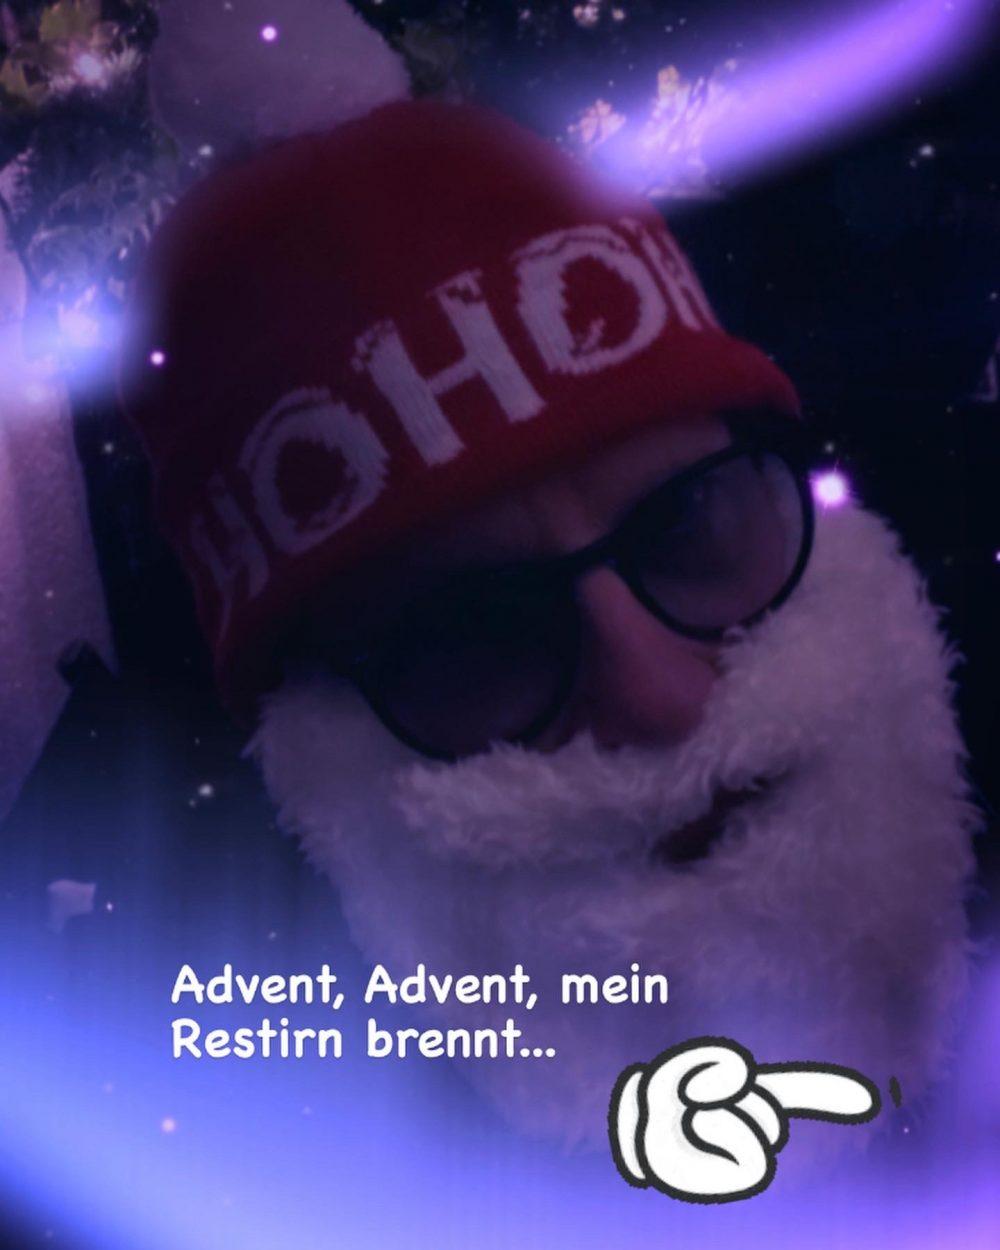 Advent